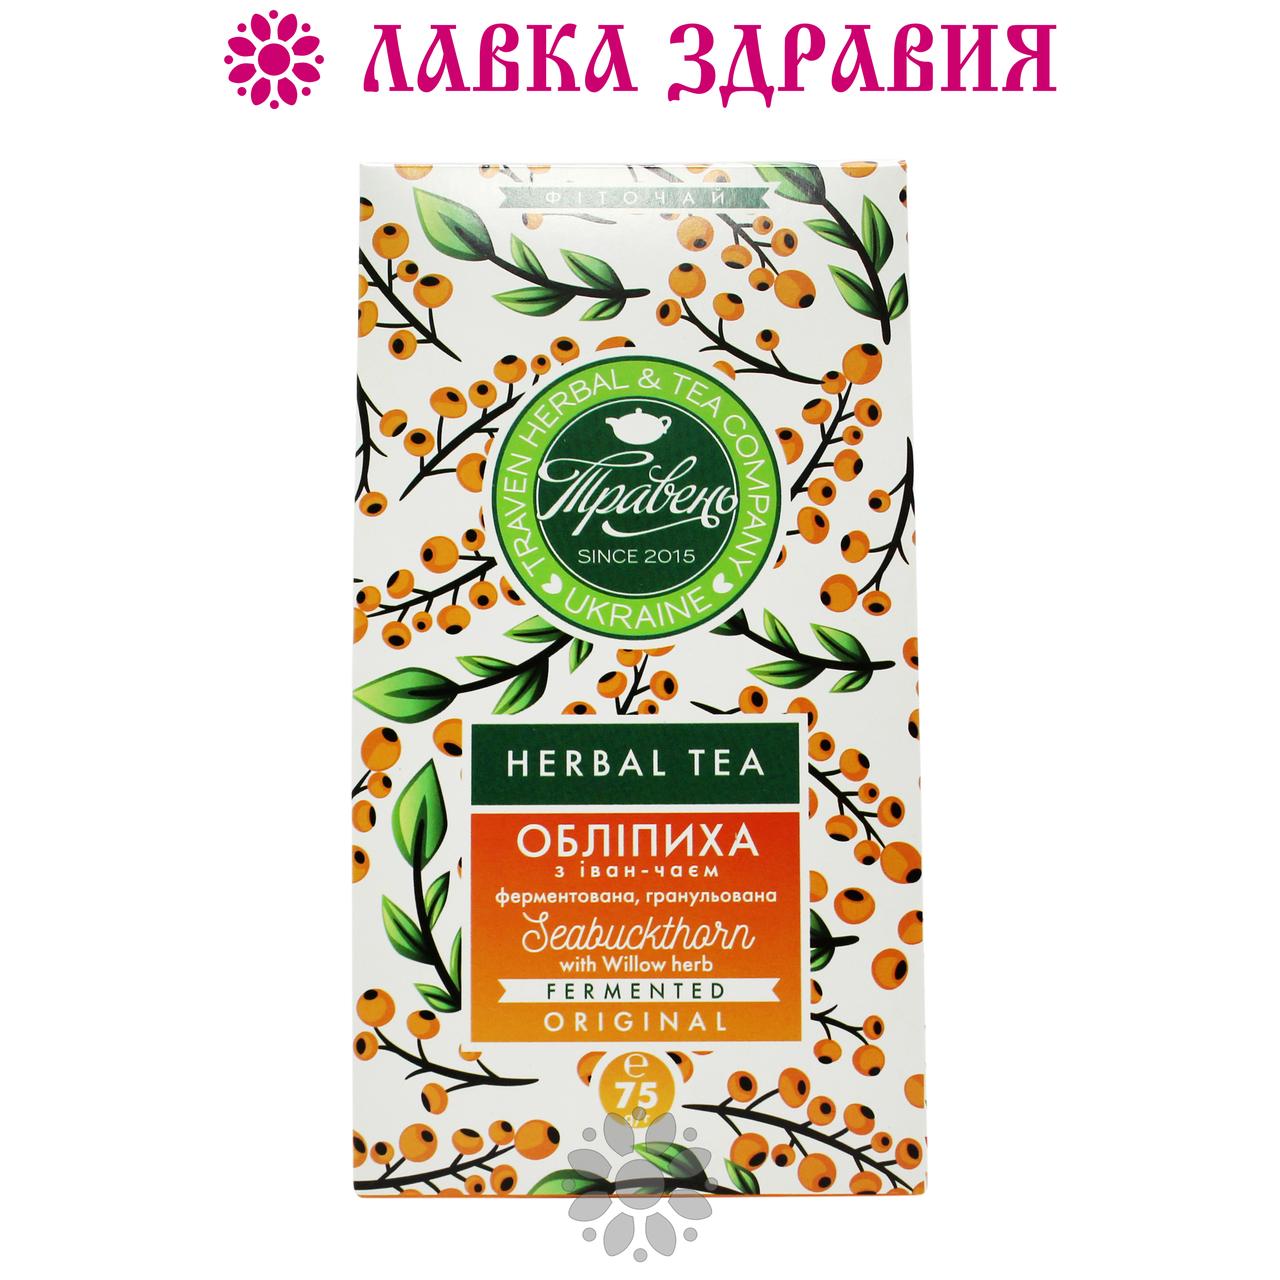 """Иван-чай ферментированный """"Травень"""" с ягодами облепихи, 75 г"""